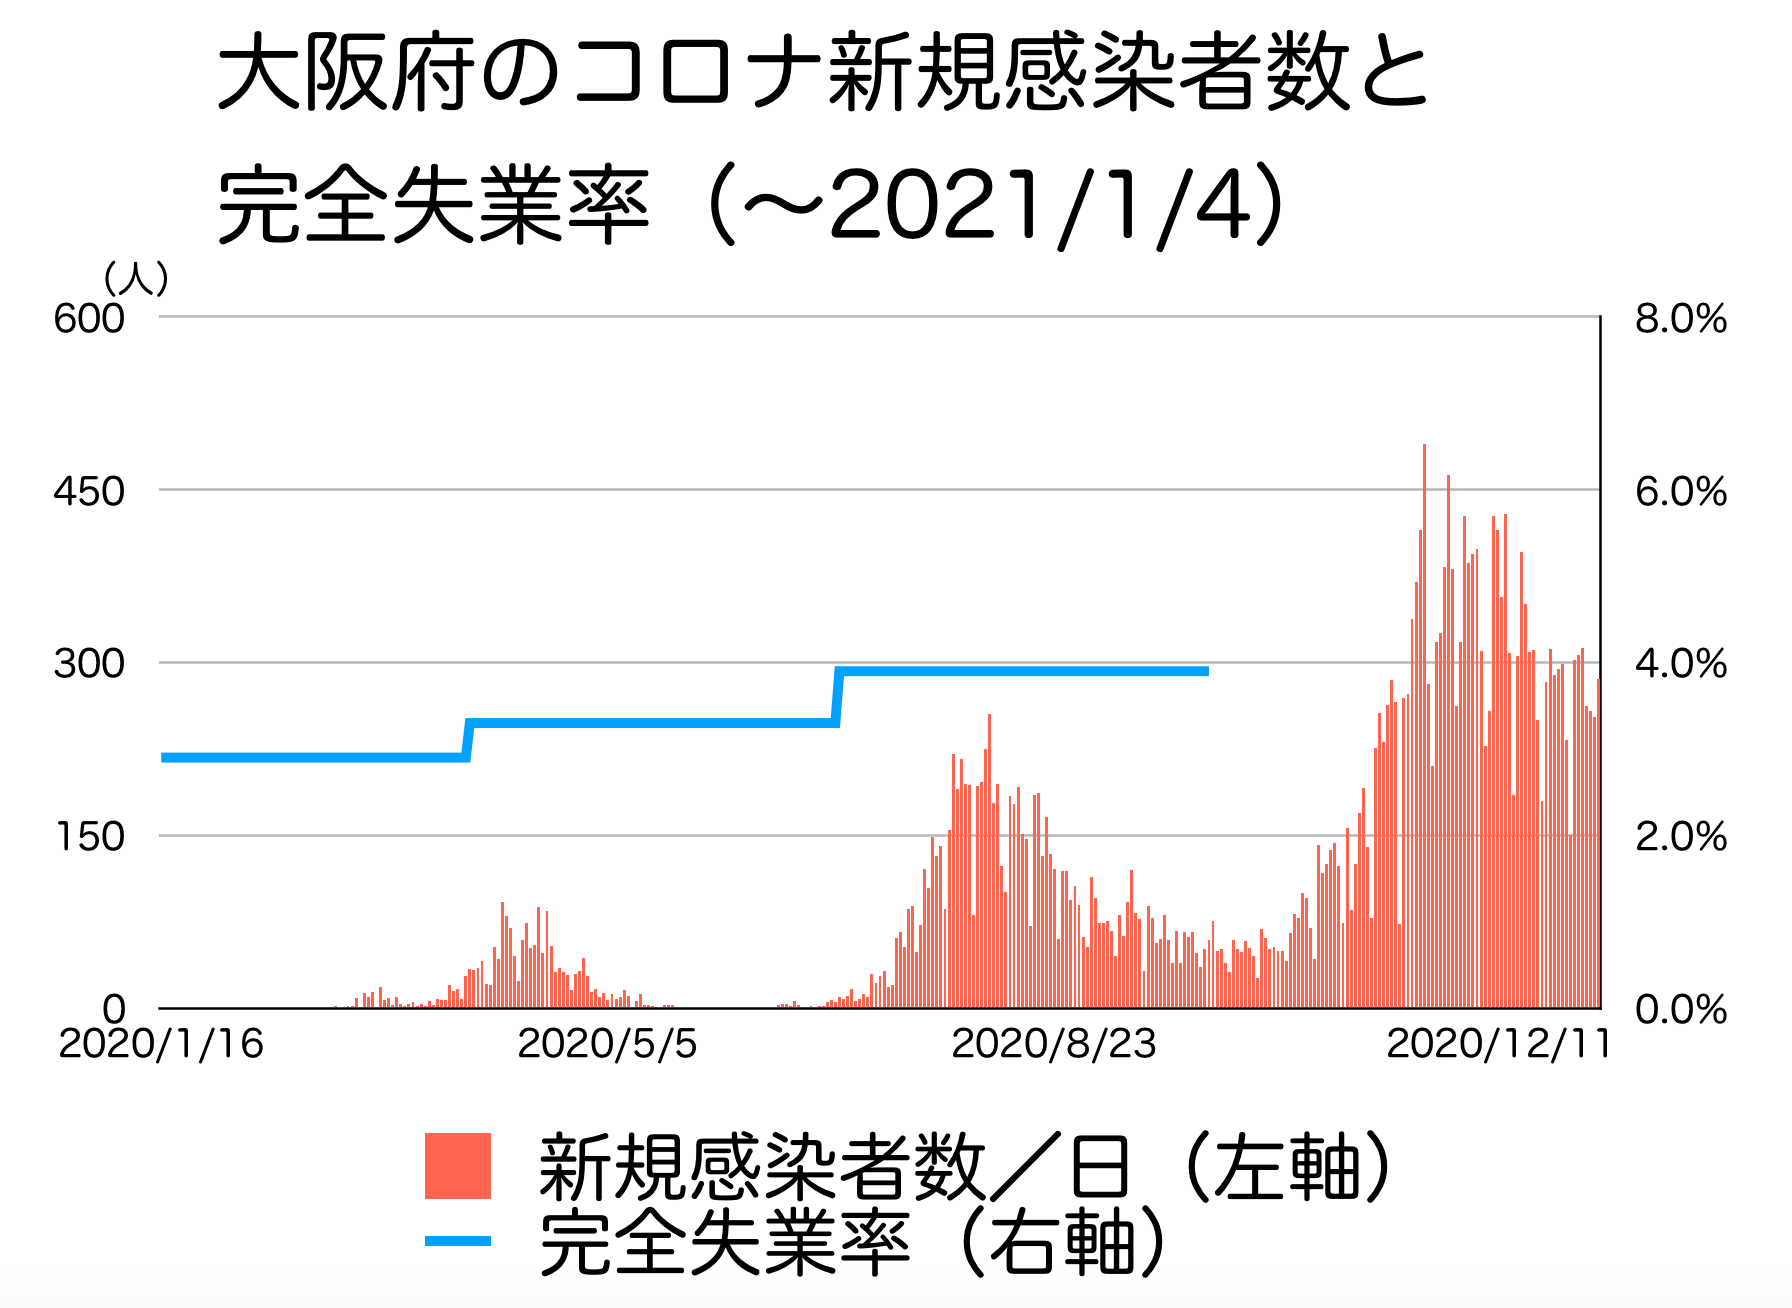 大阪府の新型コロナの感染者数と完全失業率